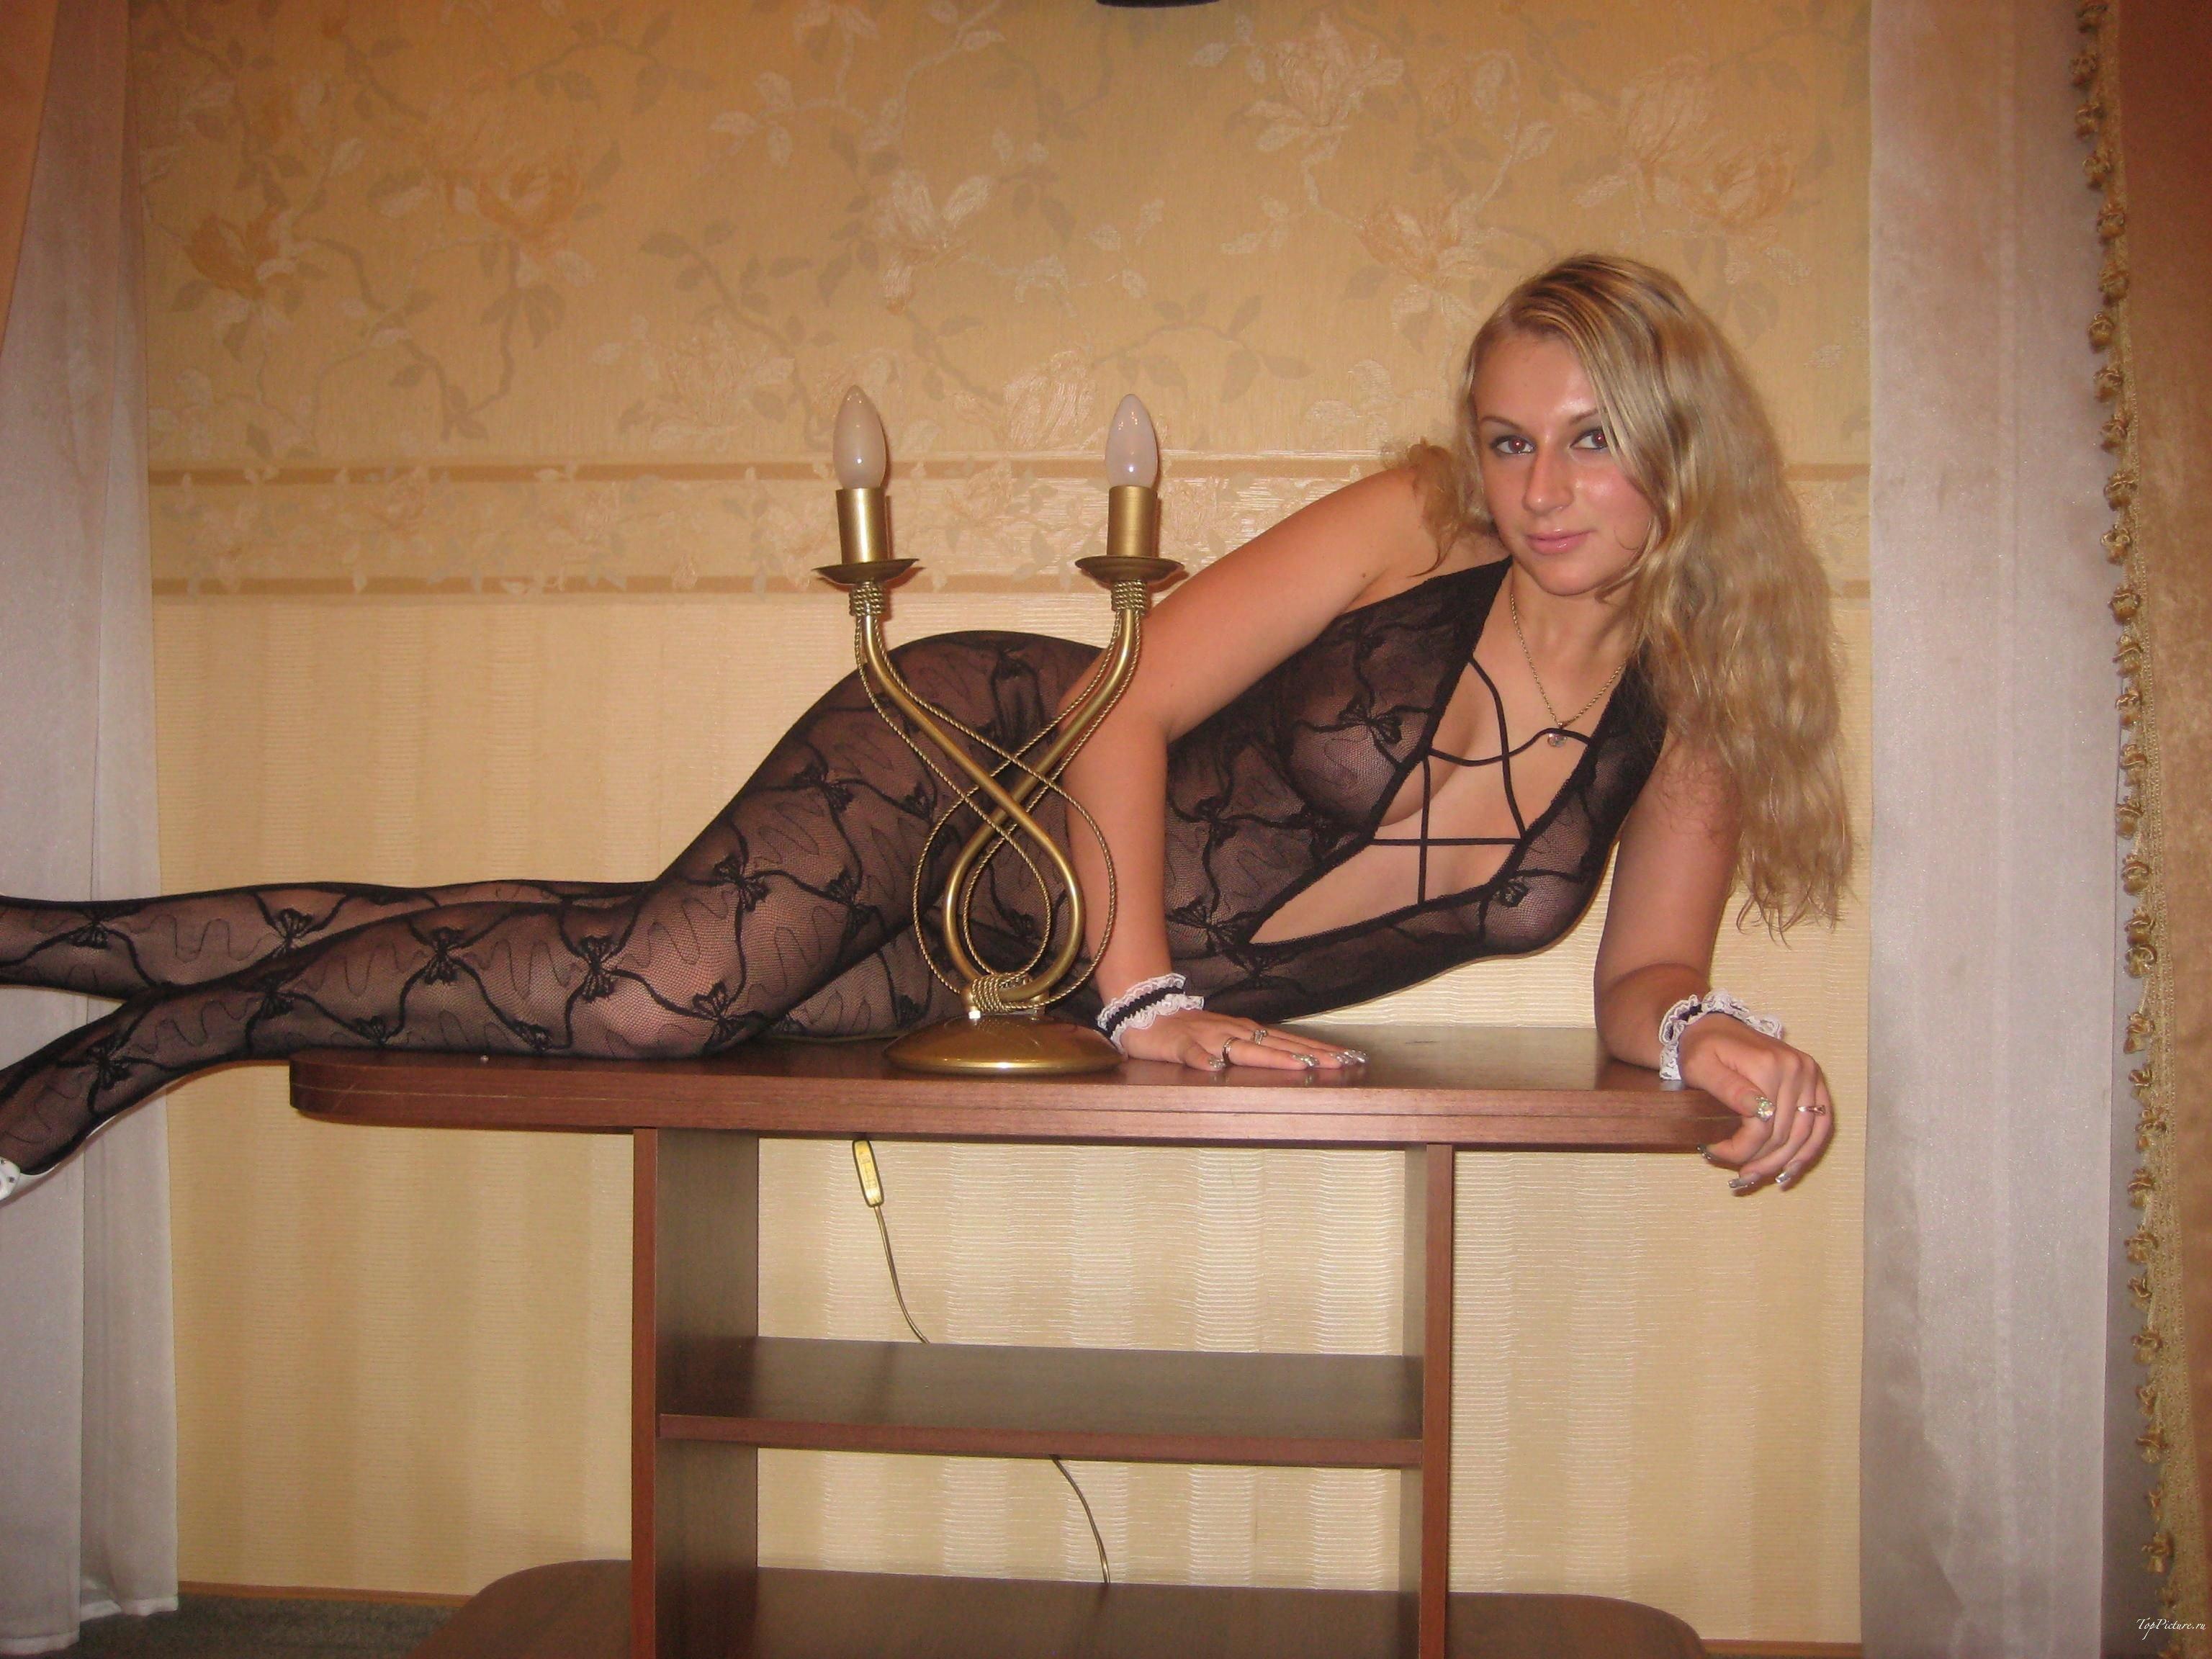 Страстная модель сексуально фотографируется в белье в номерах